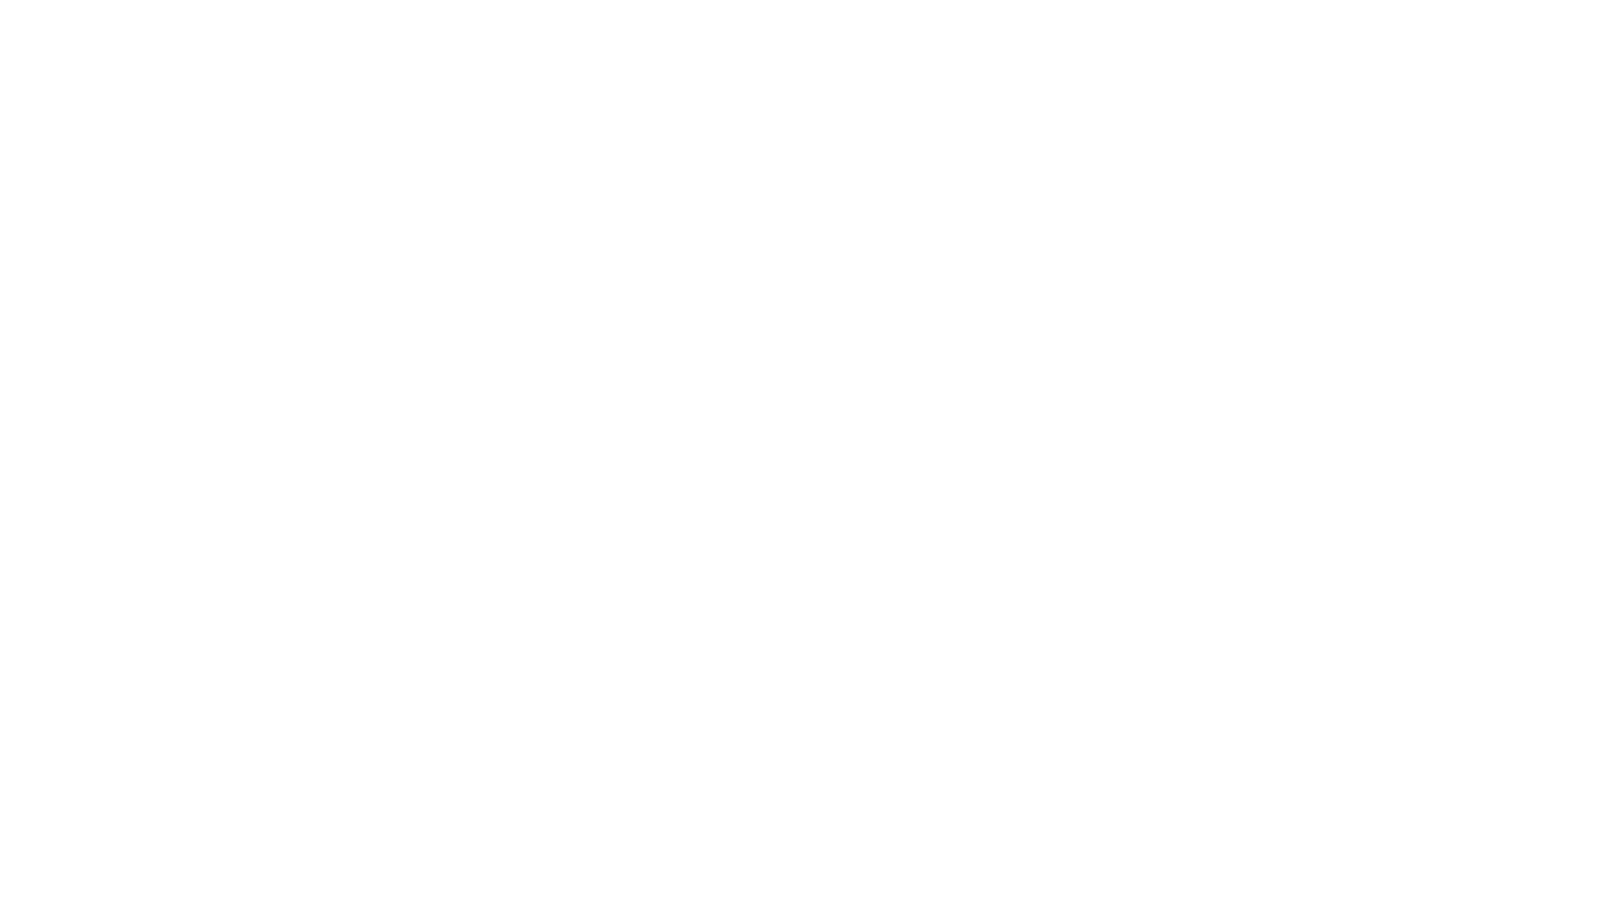 """Intorno al 12° minuto della prima puntata """"Il teatro e le masse"""" si sente un brevissimo spezzone di un ballo della tradizione bolognese: la """"Polka brillante"""" di Leonildo Marcheselli, eseguito dal vivo per l'occasione, dal figlio Marco con il suo organetto. Nasce da questo regalo dei fratelli Marcheselli, Marco e Paolo, la felice collaborazione che li ha portati ad animare la serata di presentazione del progetto con le musiche della Filuzzi.  La """"filuzzi"""", storicamente, è un tipico modo di ballare il liscio """"alla bolognese"""", un misto tra le figure classiche della danza e le vecchie figure dei balli staccati della provincia, come lemanfrine, itresconi, iruggeri. In varie parti d'Italia si ebbe questa caratterizzazione (folk romagnolo, il liscio piemontese...), a Bologna la filuzzi si distingueva per la ricerca di acrobazie e piroette e il caratteristico frullone, una serie di giri inpivotrigorosamente effettuata a sinistra, che chiudeva ogni porzione (o parte) del brano musicale.  Nel secondo dopoguerra la Filuzzi era il passatempo tipico dei bolognesi che dopo 5 anni di guerra e di disastrosi bombardamenti volevano tornare alla vita. Leonildo Marcheselli seppe interpretare e dare forma a questa necessità impellente, animando per oltre 30 anni le sale da ballo e le feste bolognesi e continuando a scrivere e suonare nuove melodie musicali.   """"Con questo organino - amava dire - ho catturato le note giuste per far ballare la gente di Bologna nella maniera migliore"""" Un compositore, non solo un esecutore, che scriveva in funzione delle movenze dei ballerini, inventando anche una nuova fisicità del musicista, con la gamba alzata su cui posava l'organetto, a suggerire il movimento, la velocità, il dinamismo della nuova musica.  Fra tutti, un ballo in particolare faceva parte del repertorio di Leonildo Marcheselli: la polka chinata o """"a chinéin"""", in cui le parti in frullone vengono eseguite in posizione chinata. Si tratta di un ballo nato nel dopoguerra ed eseguito solo ed es"""